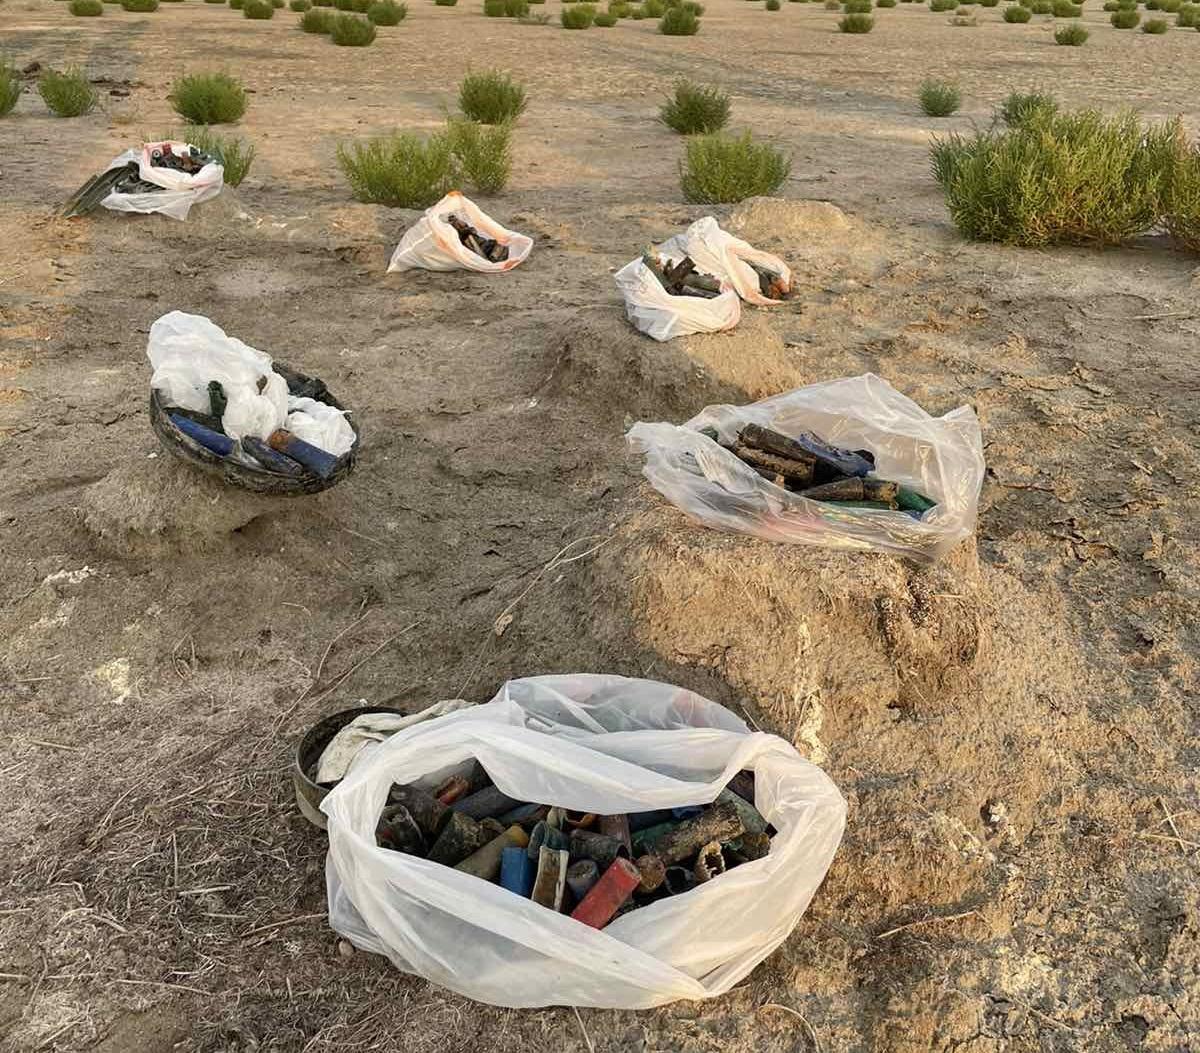 Χαλκιδική: Μάζεψαν 10 κιλά φυσίγγια από υγρότοπο που απαγορεύεται το κυνήγι